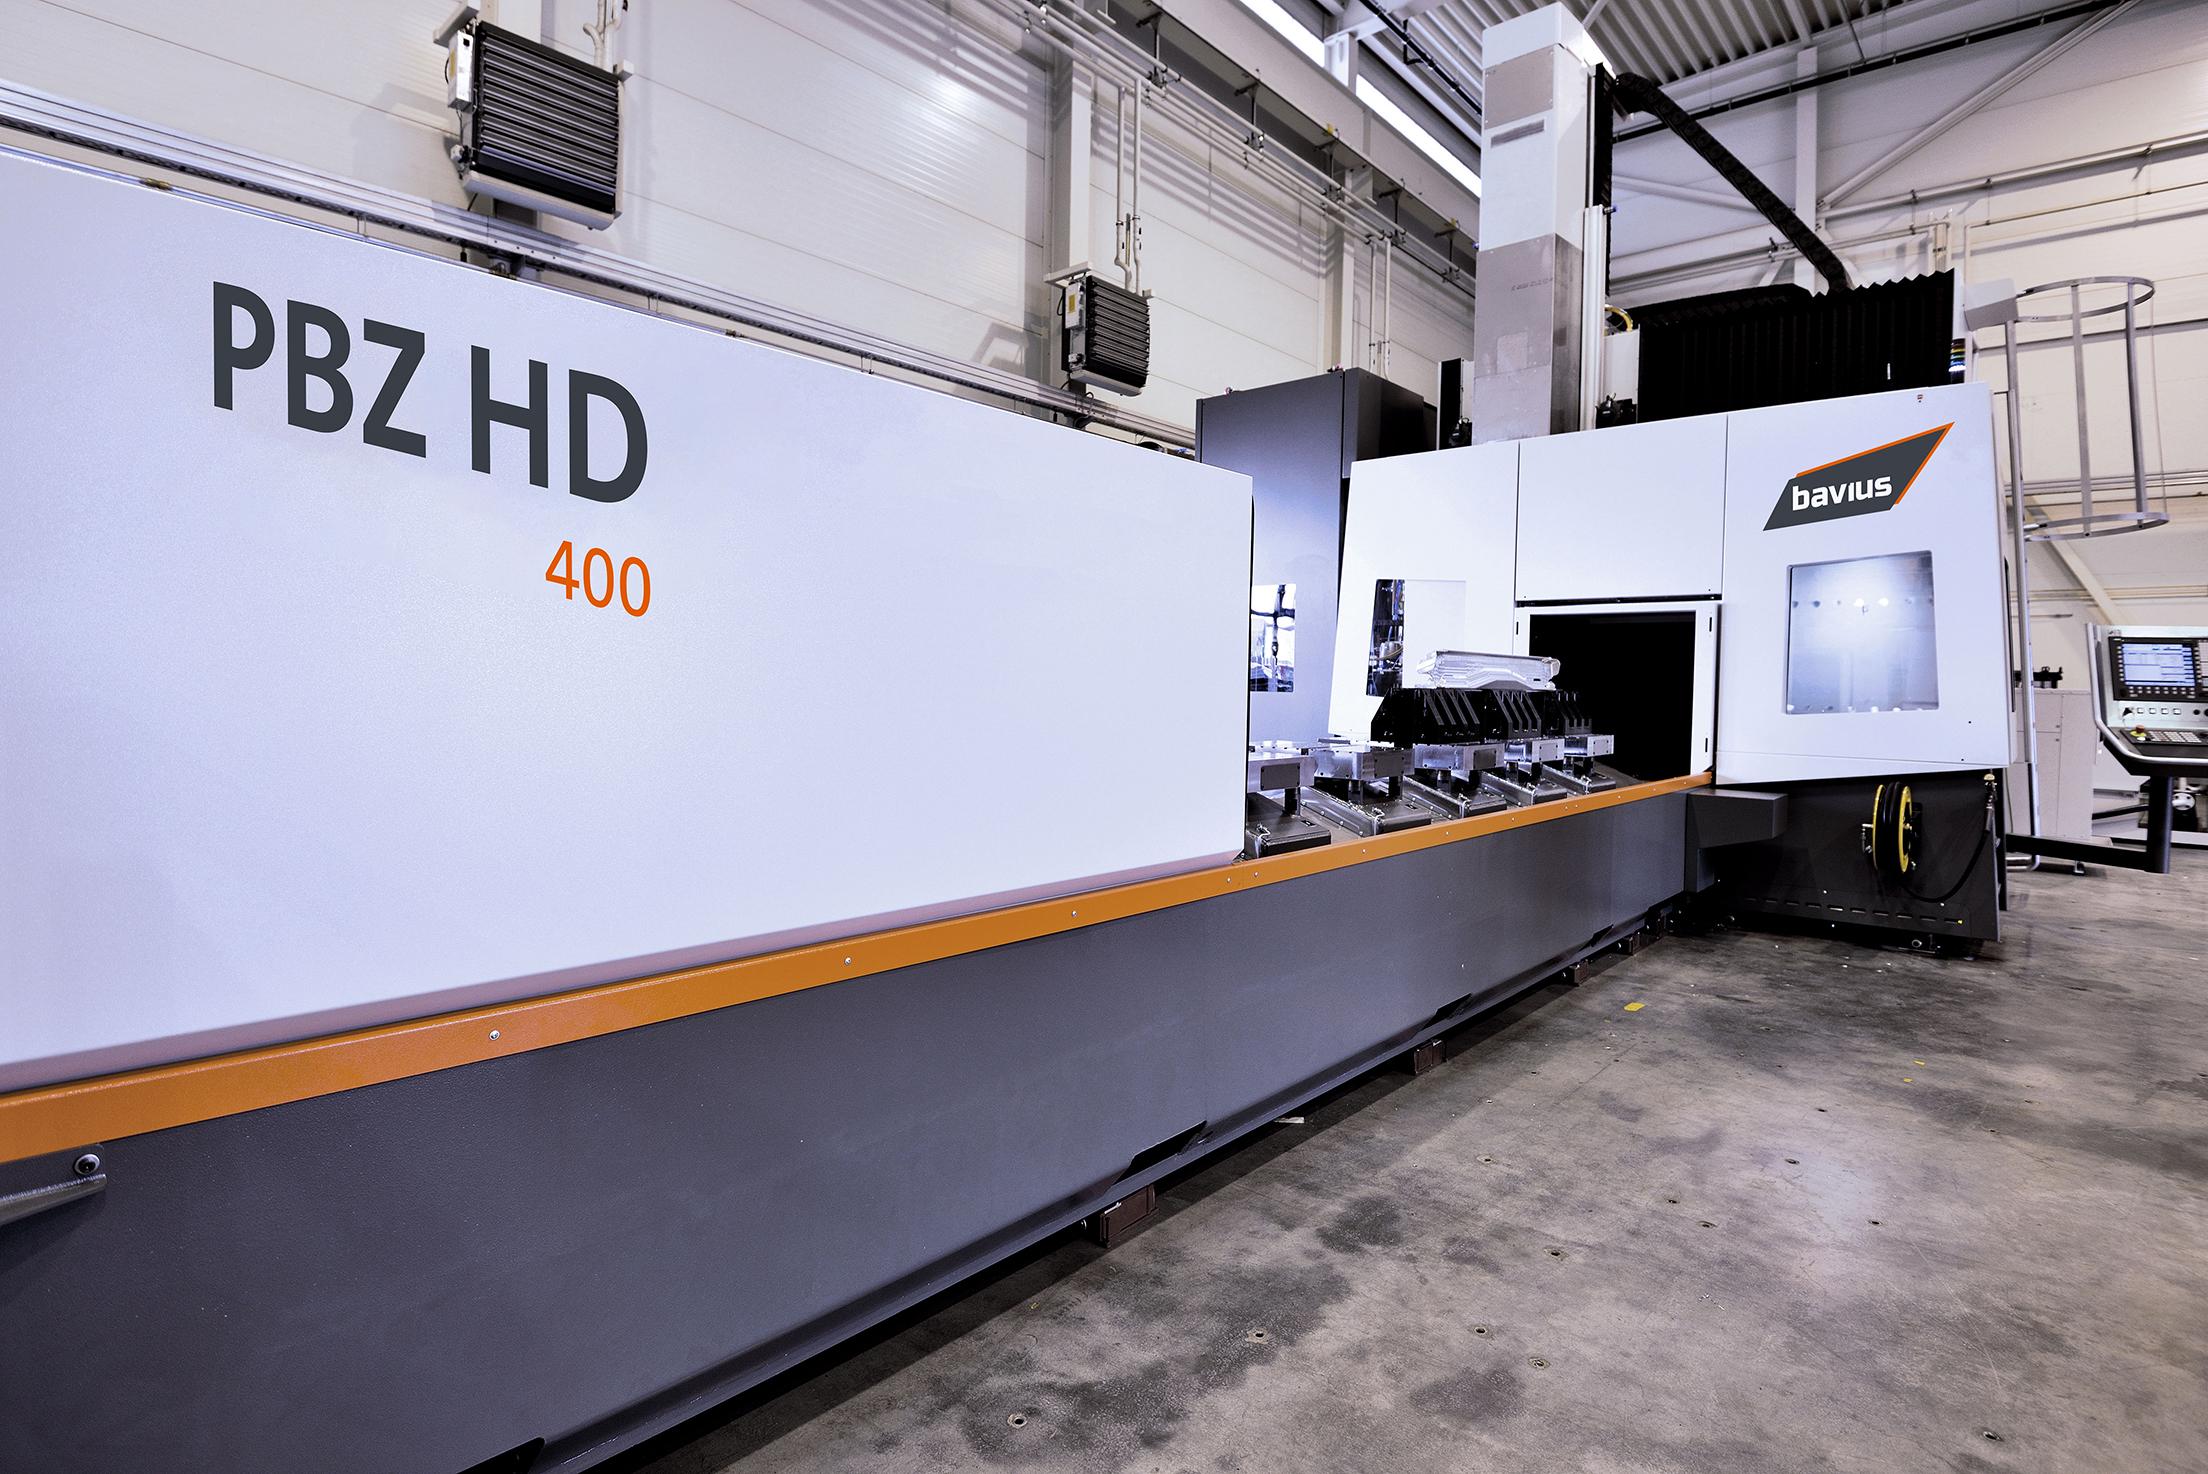 bavius-profile-machining-centres-pbz-hd